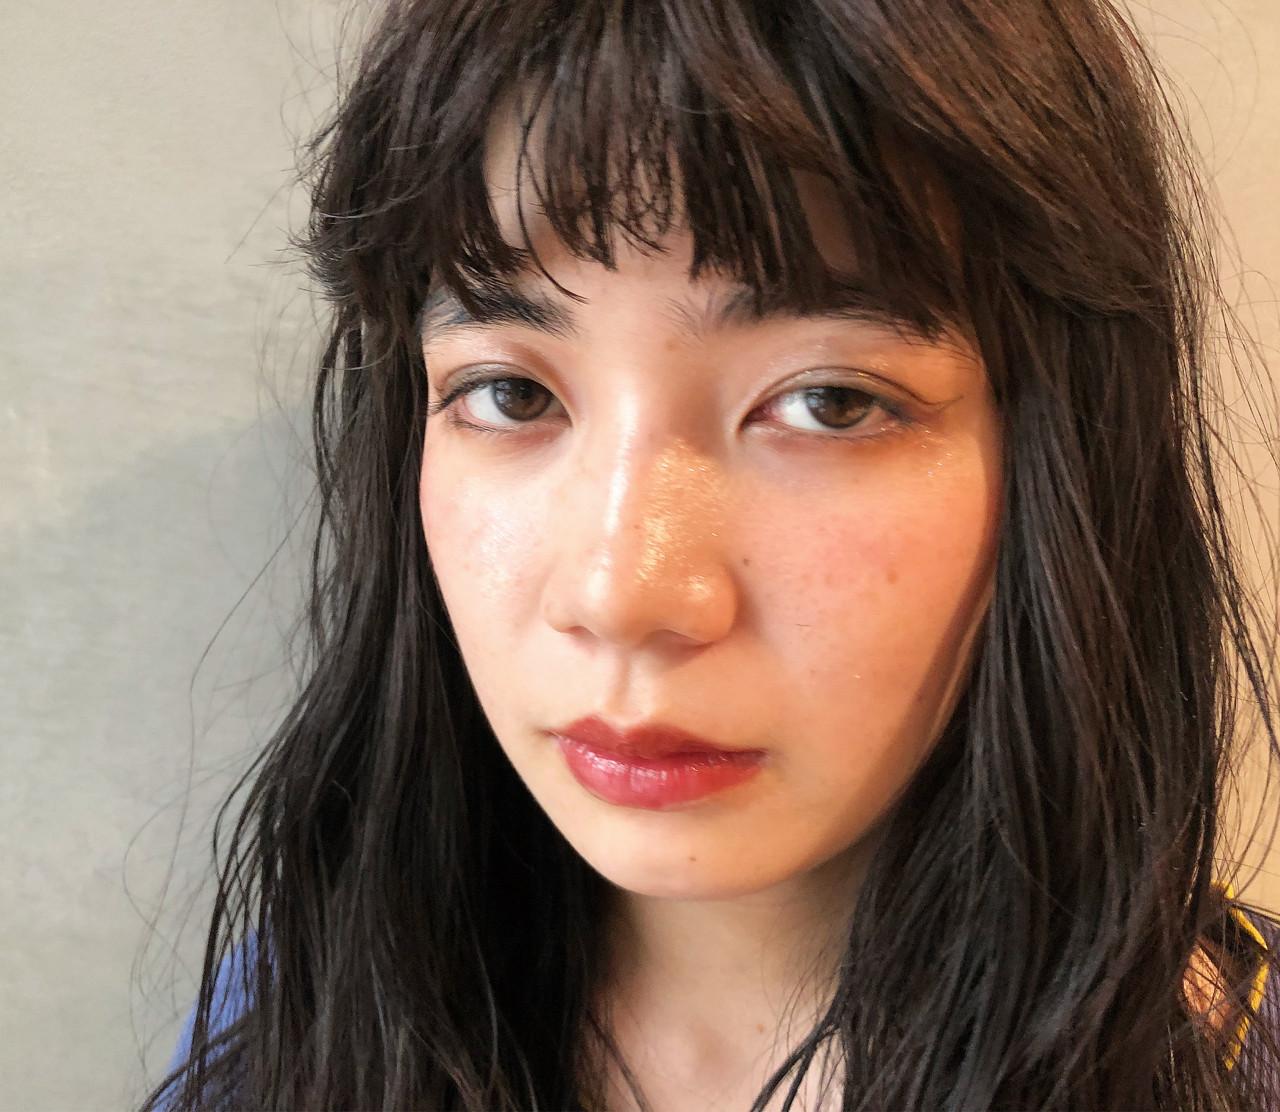 ショート セミロング 黒髪 ロング ヘアスタイルや髪型の写真・画像 | eri / kikkake@depth